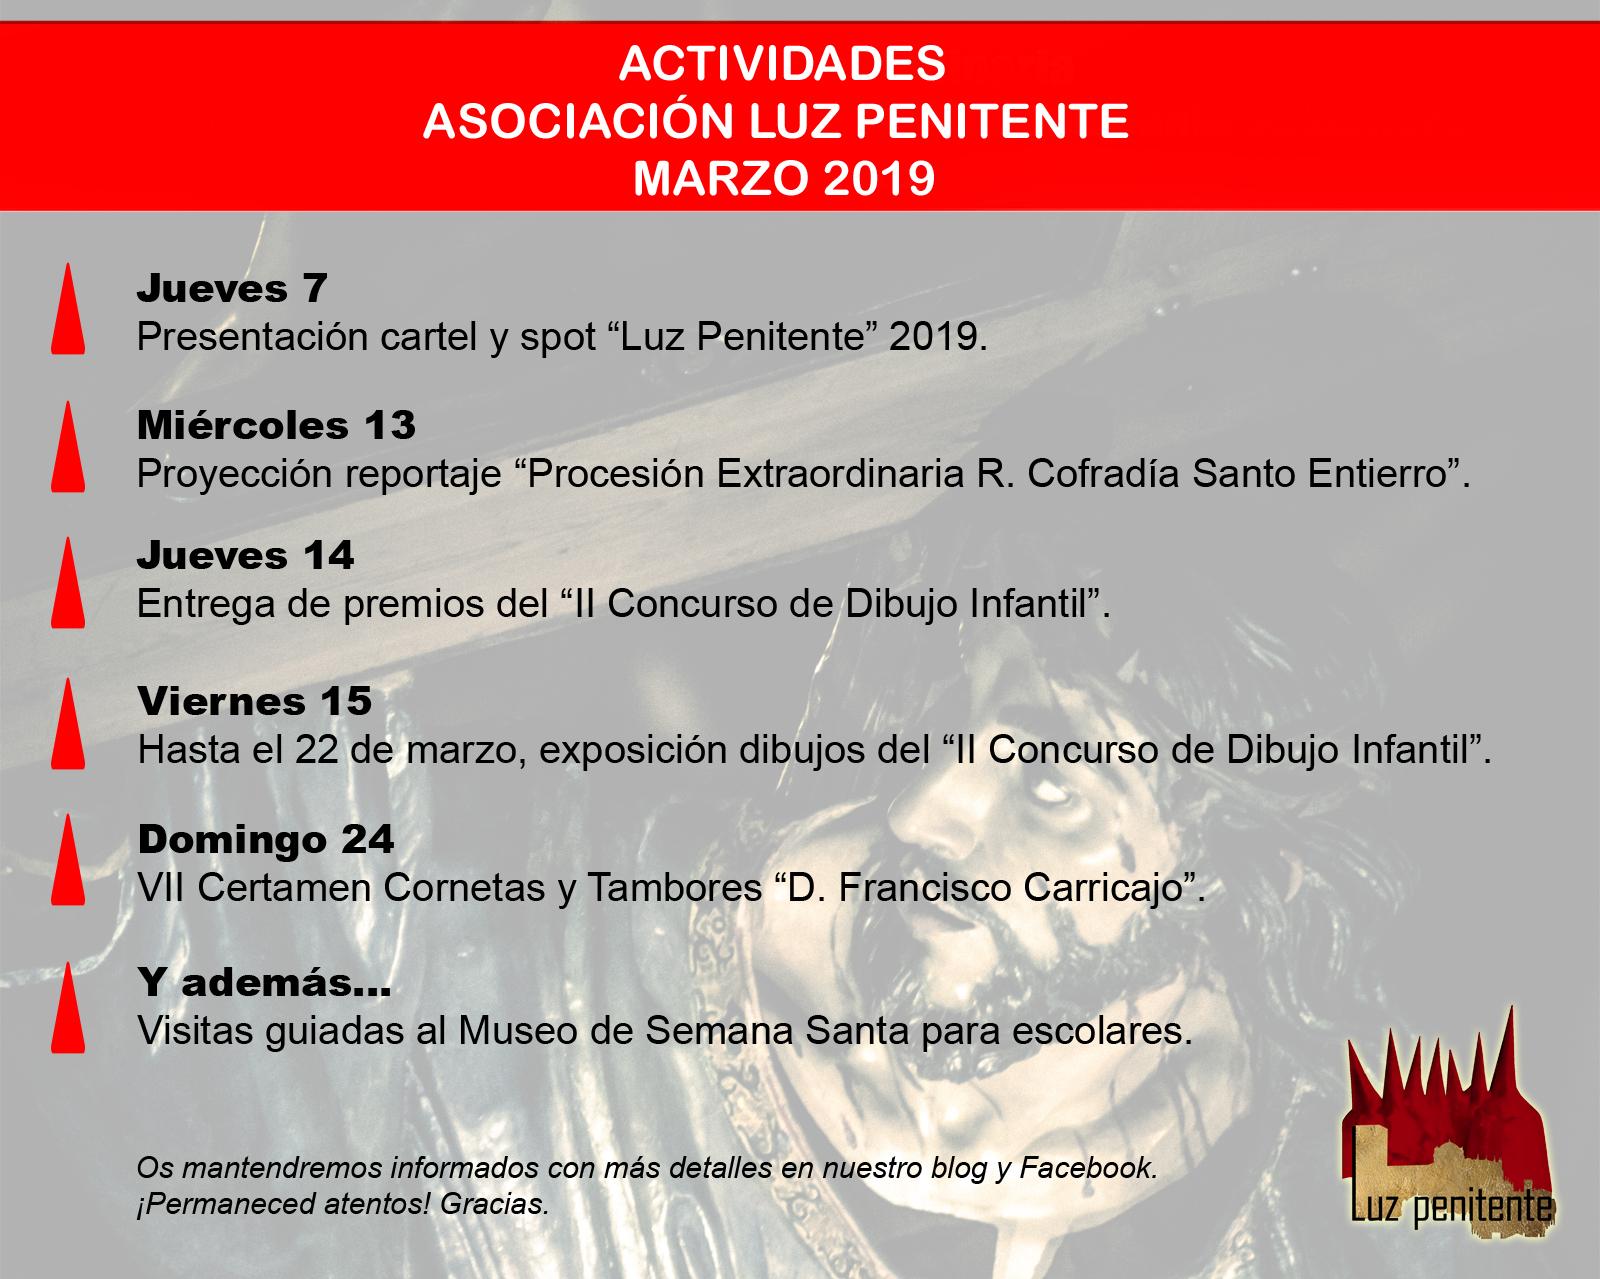 Calendario Dibujo 2019.Asociacion Luz Penitente Calendario Actividades 2019